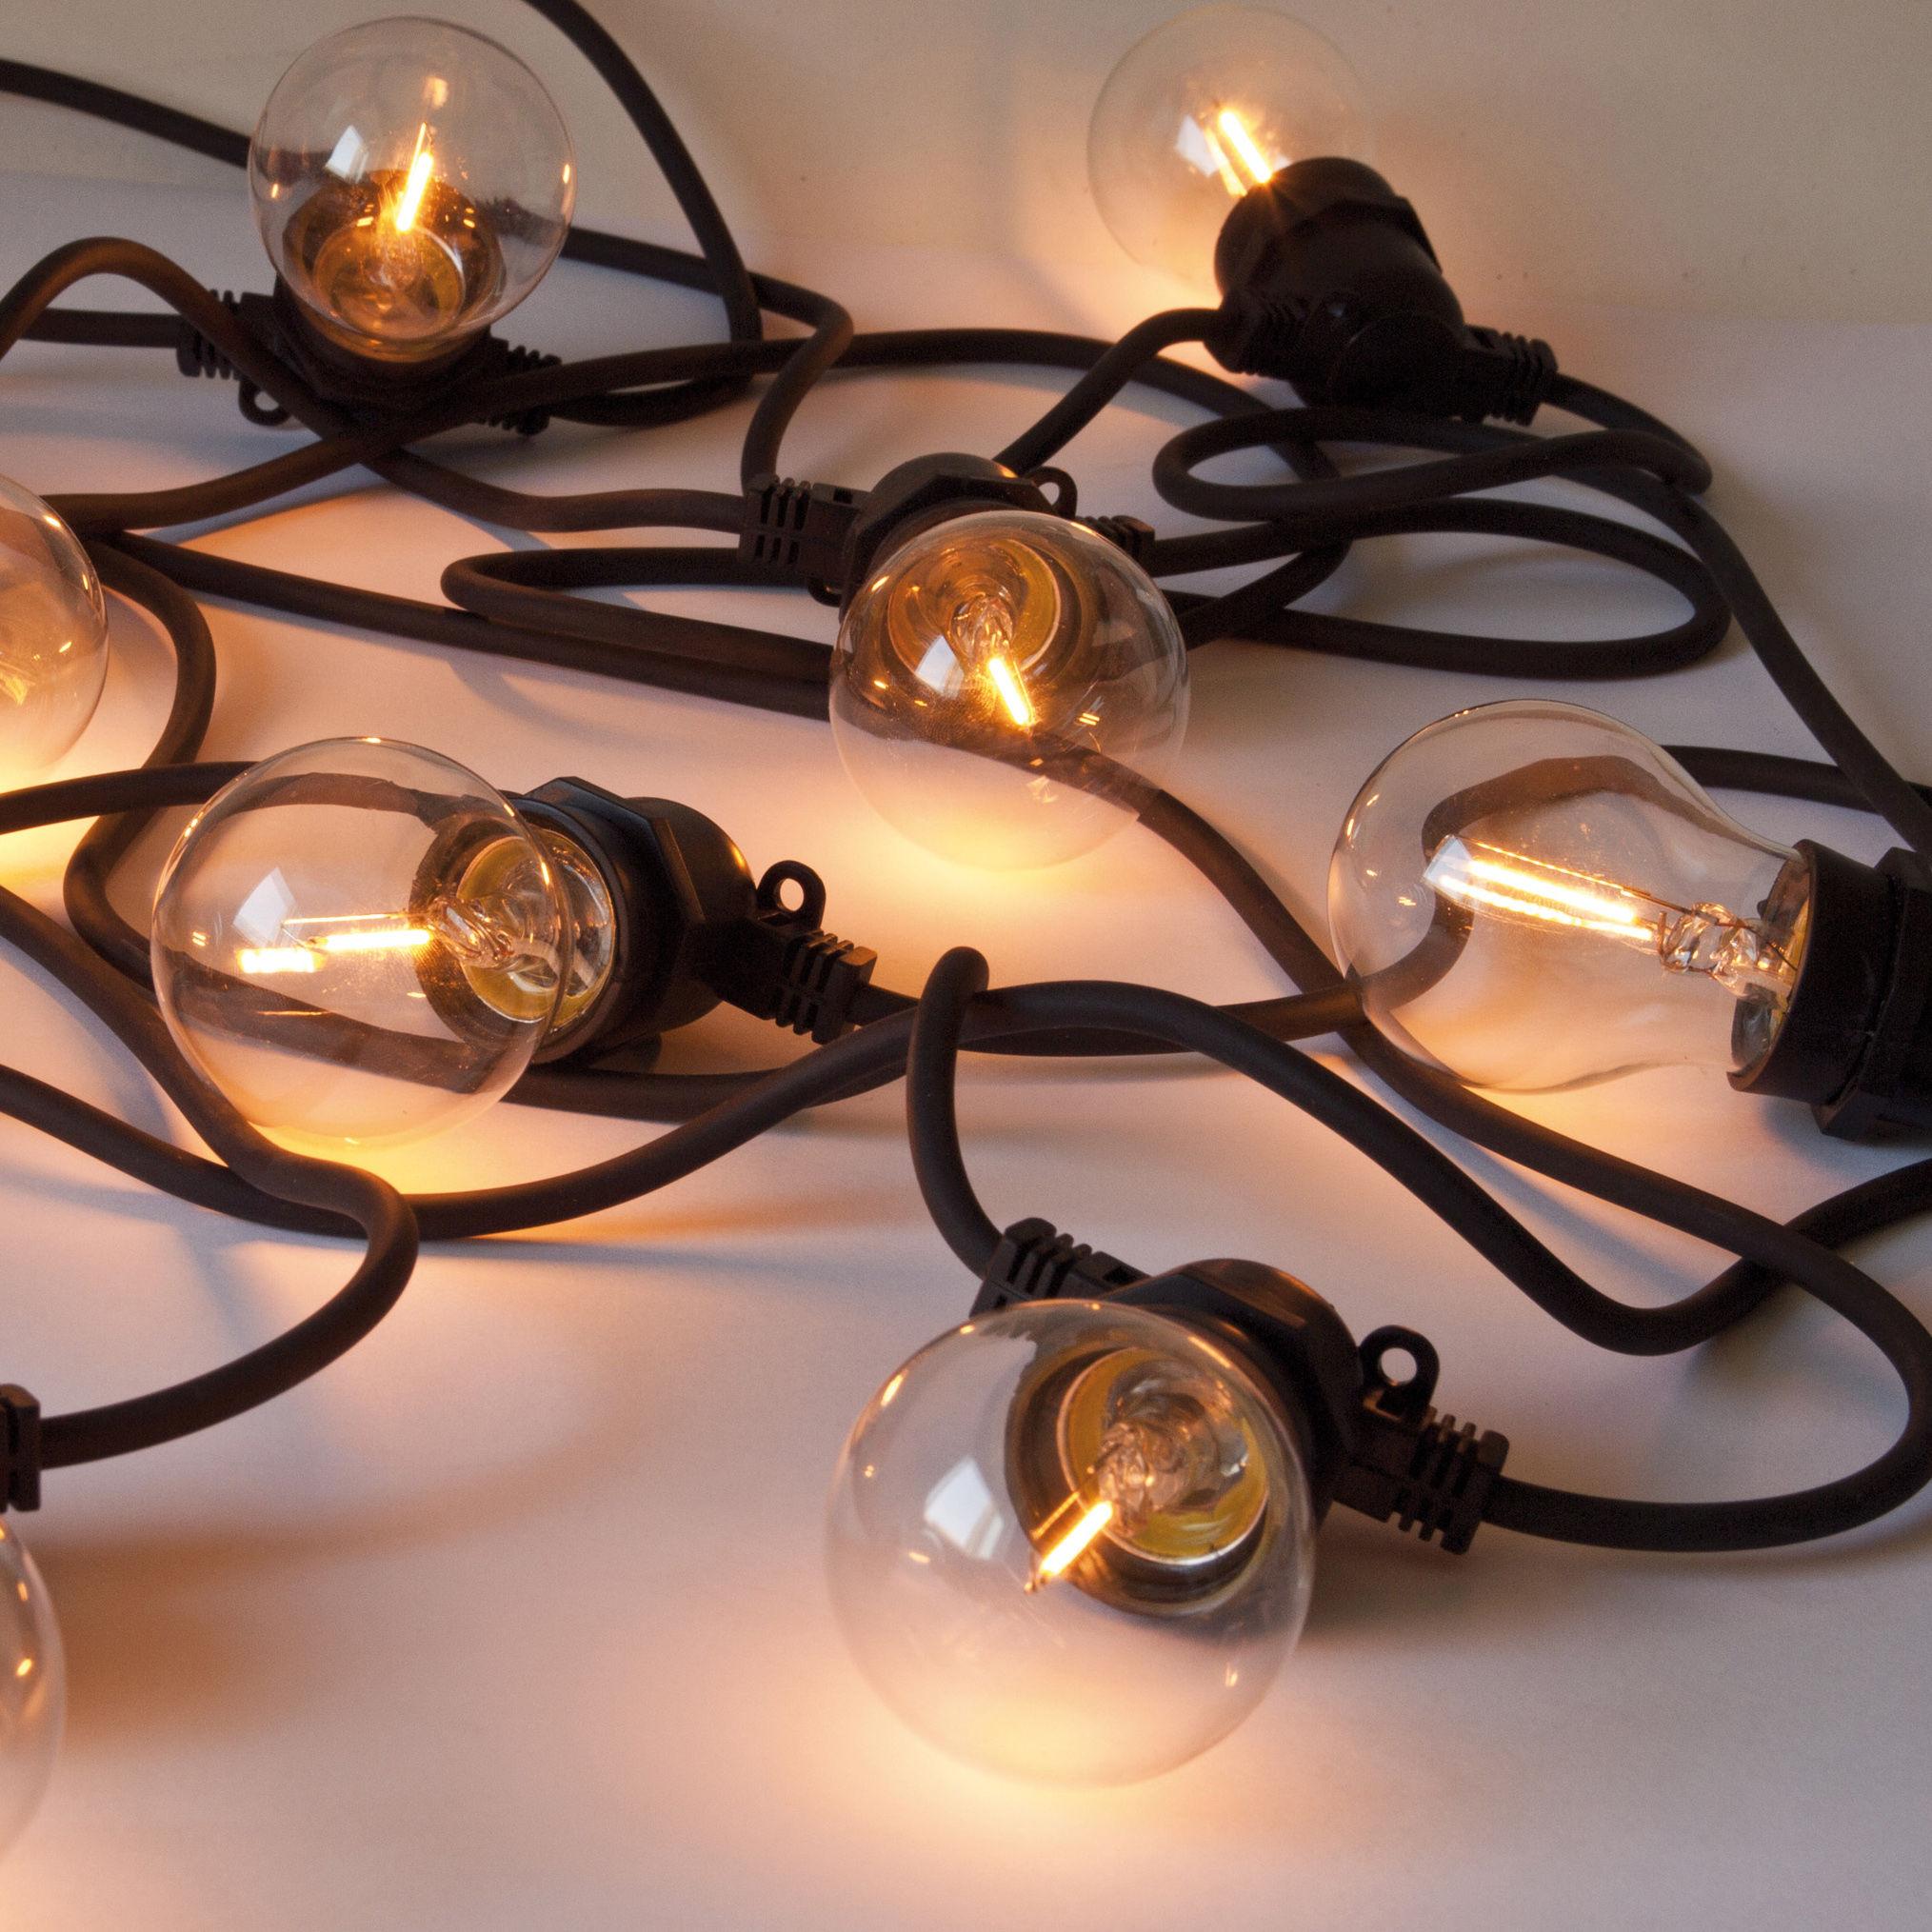 Luminaire - Luminaires d'extérieur - Guirlande lumineuse Bella Vista CLEAR LED / Pour l'extérieur - Ampoules à filament - Seletti - Câble noir / Ampoules transparentes - Silicone, Verre